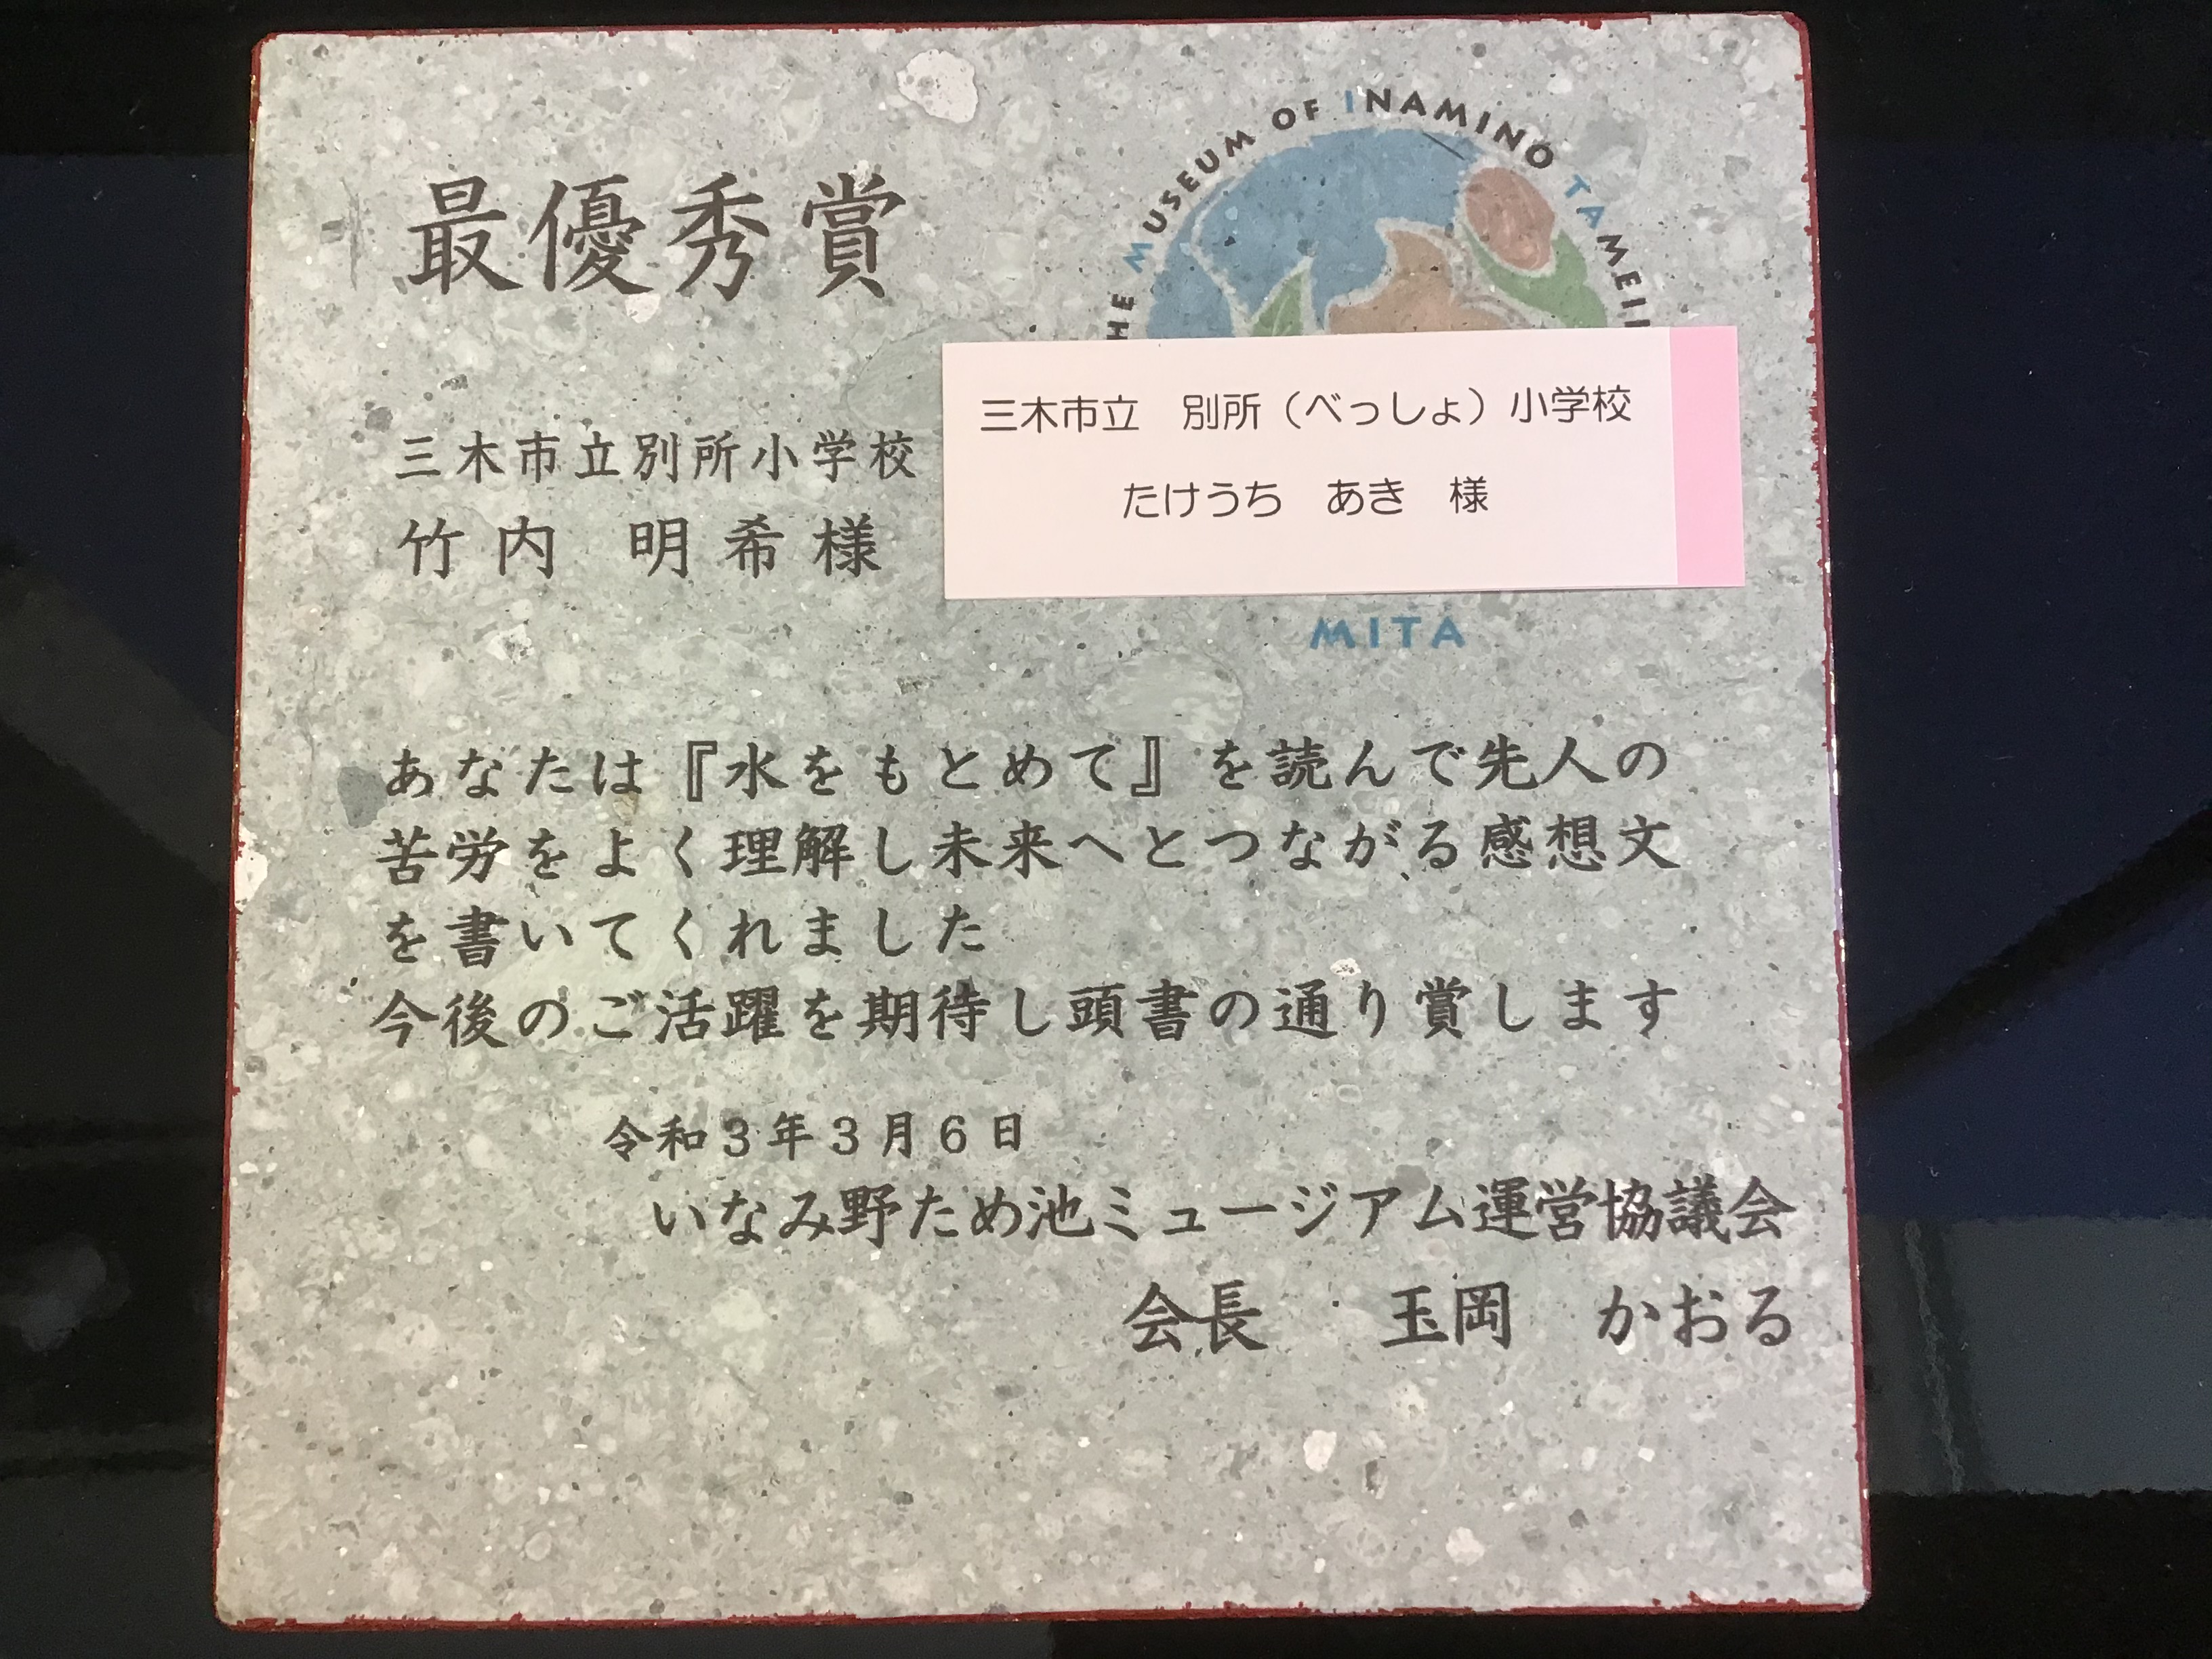 最優秀賞の竹内さんの竜山石で出来た賞状。ずっしりしていて重量感満載。(ちょっとルビ付箋が付いてるけどね)